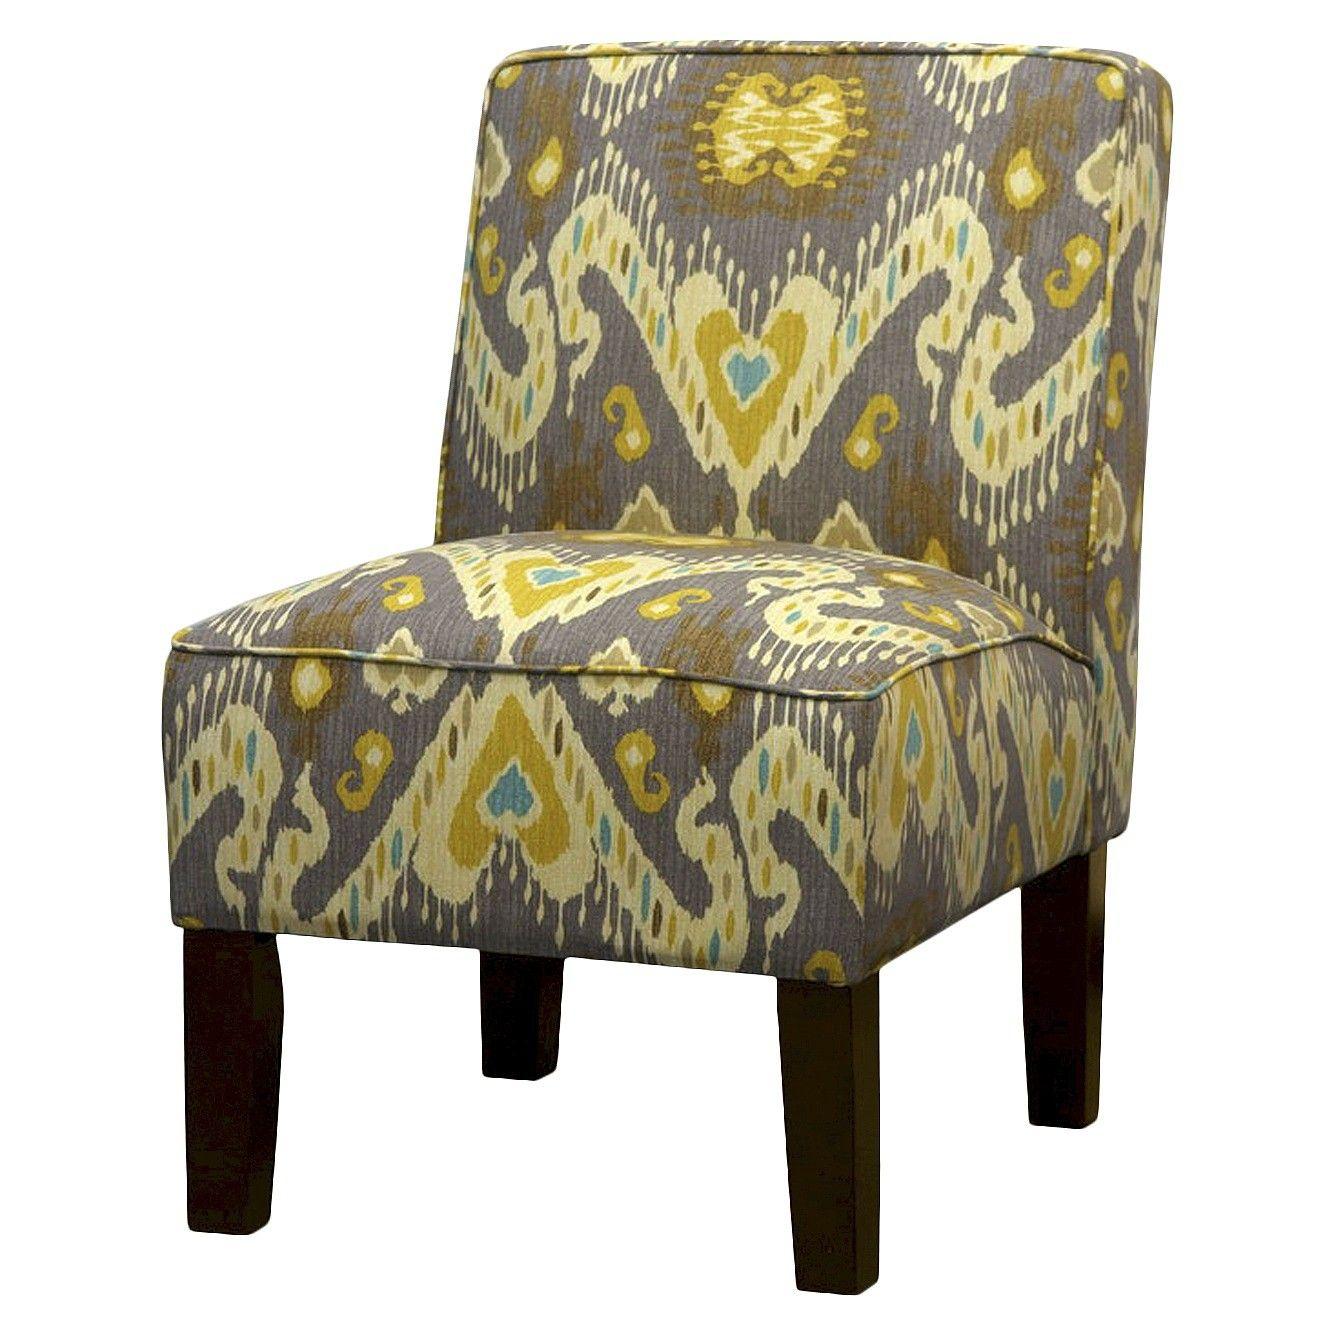 Burke Slipper Chair - Print : Target | Grey chair, Chair ...